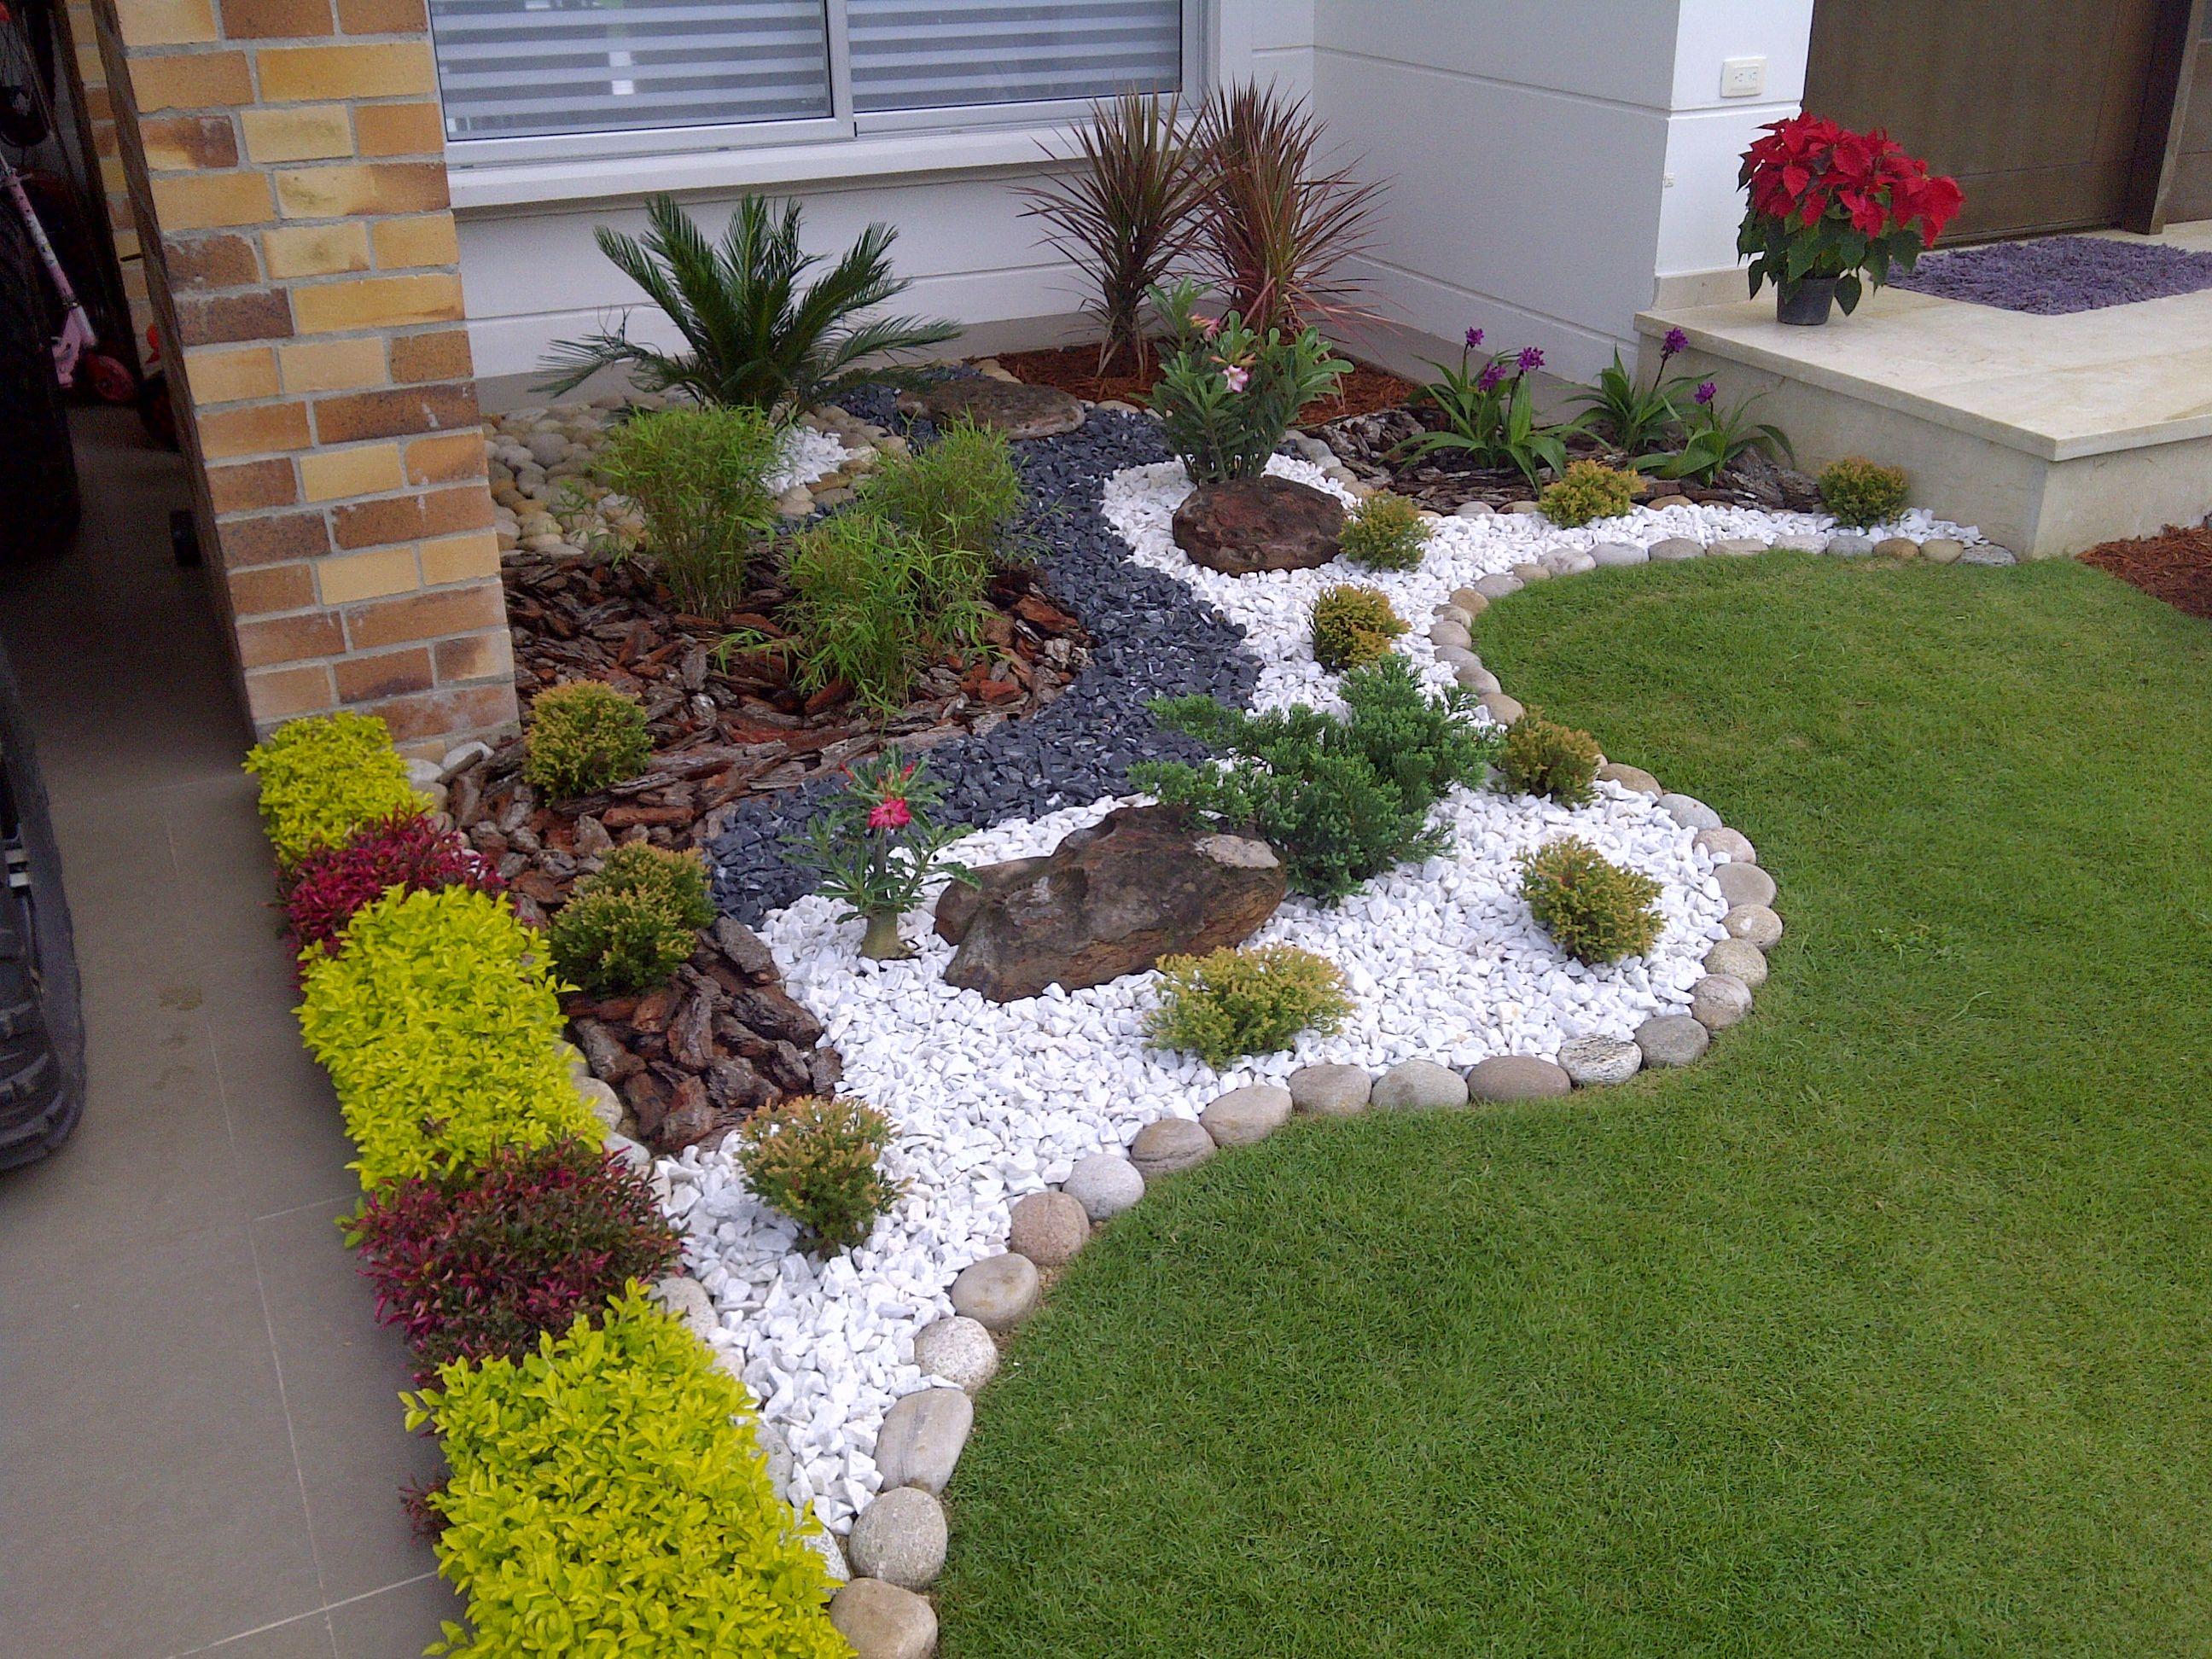 diseo de jardines exteriores servihouse de colombia - Diseo De Jardines Pequeos